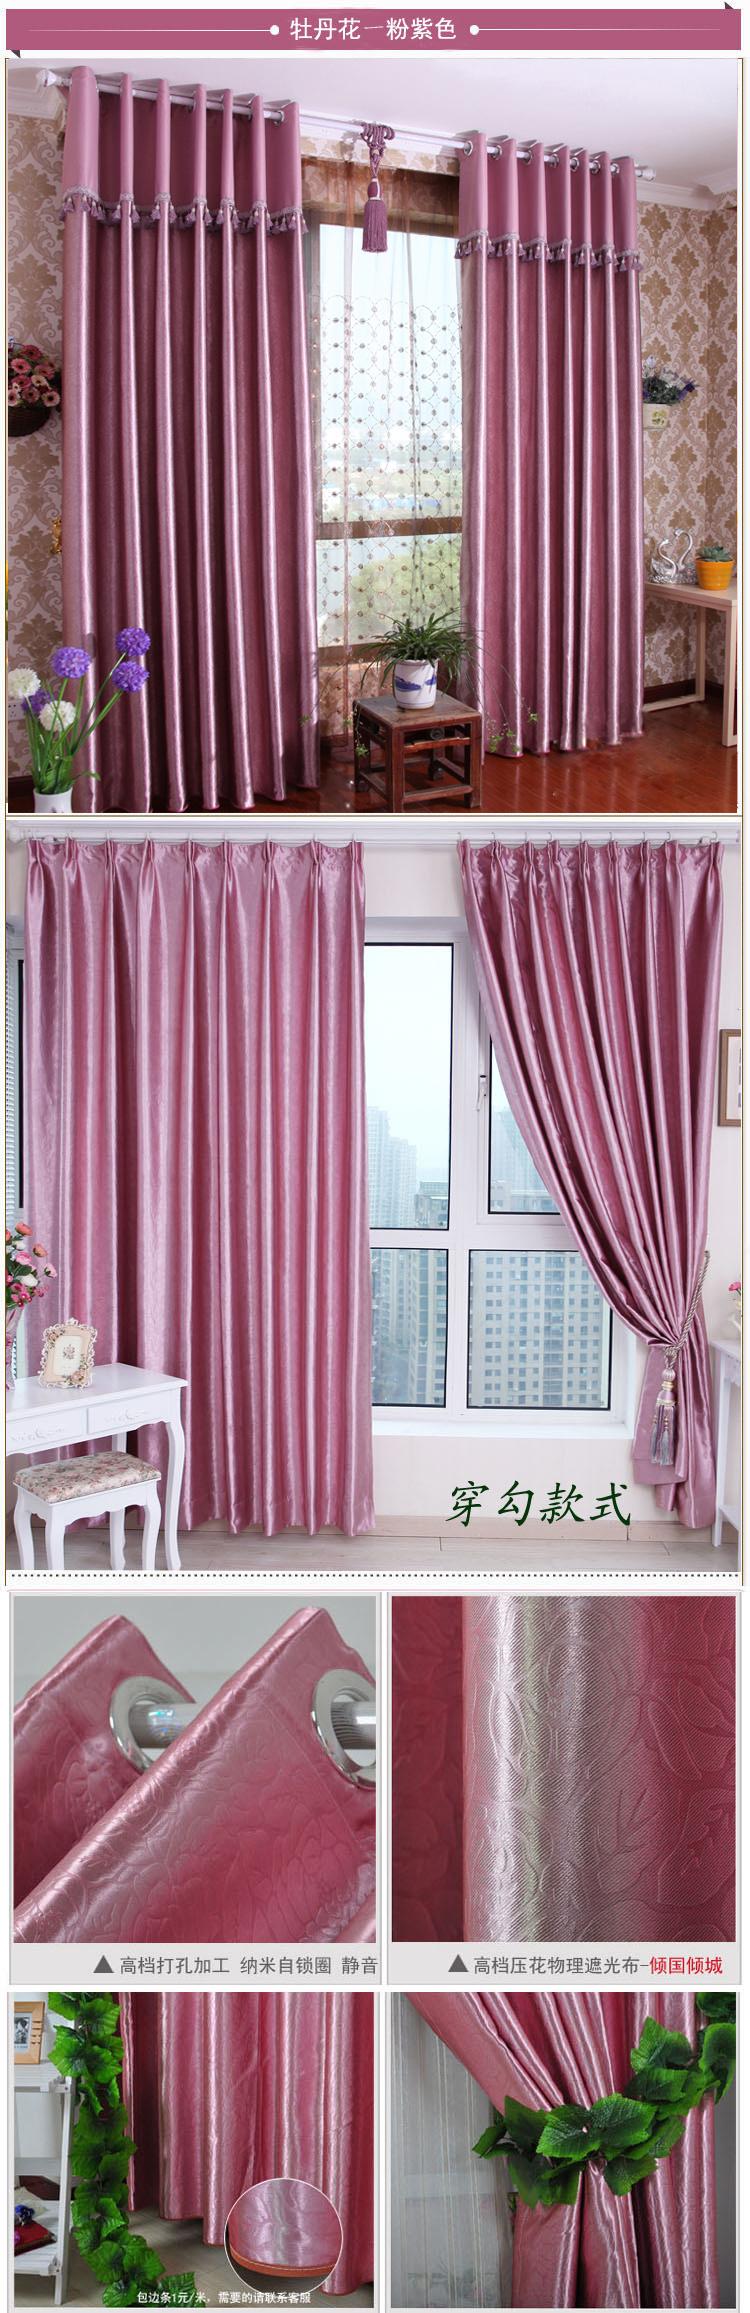 客厅窗帘卧室阳台遮光窗帘定制产品 铁红色 每米无帘头挂钩式定制